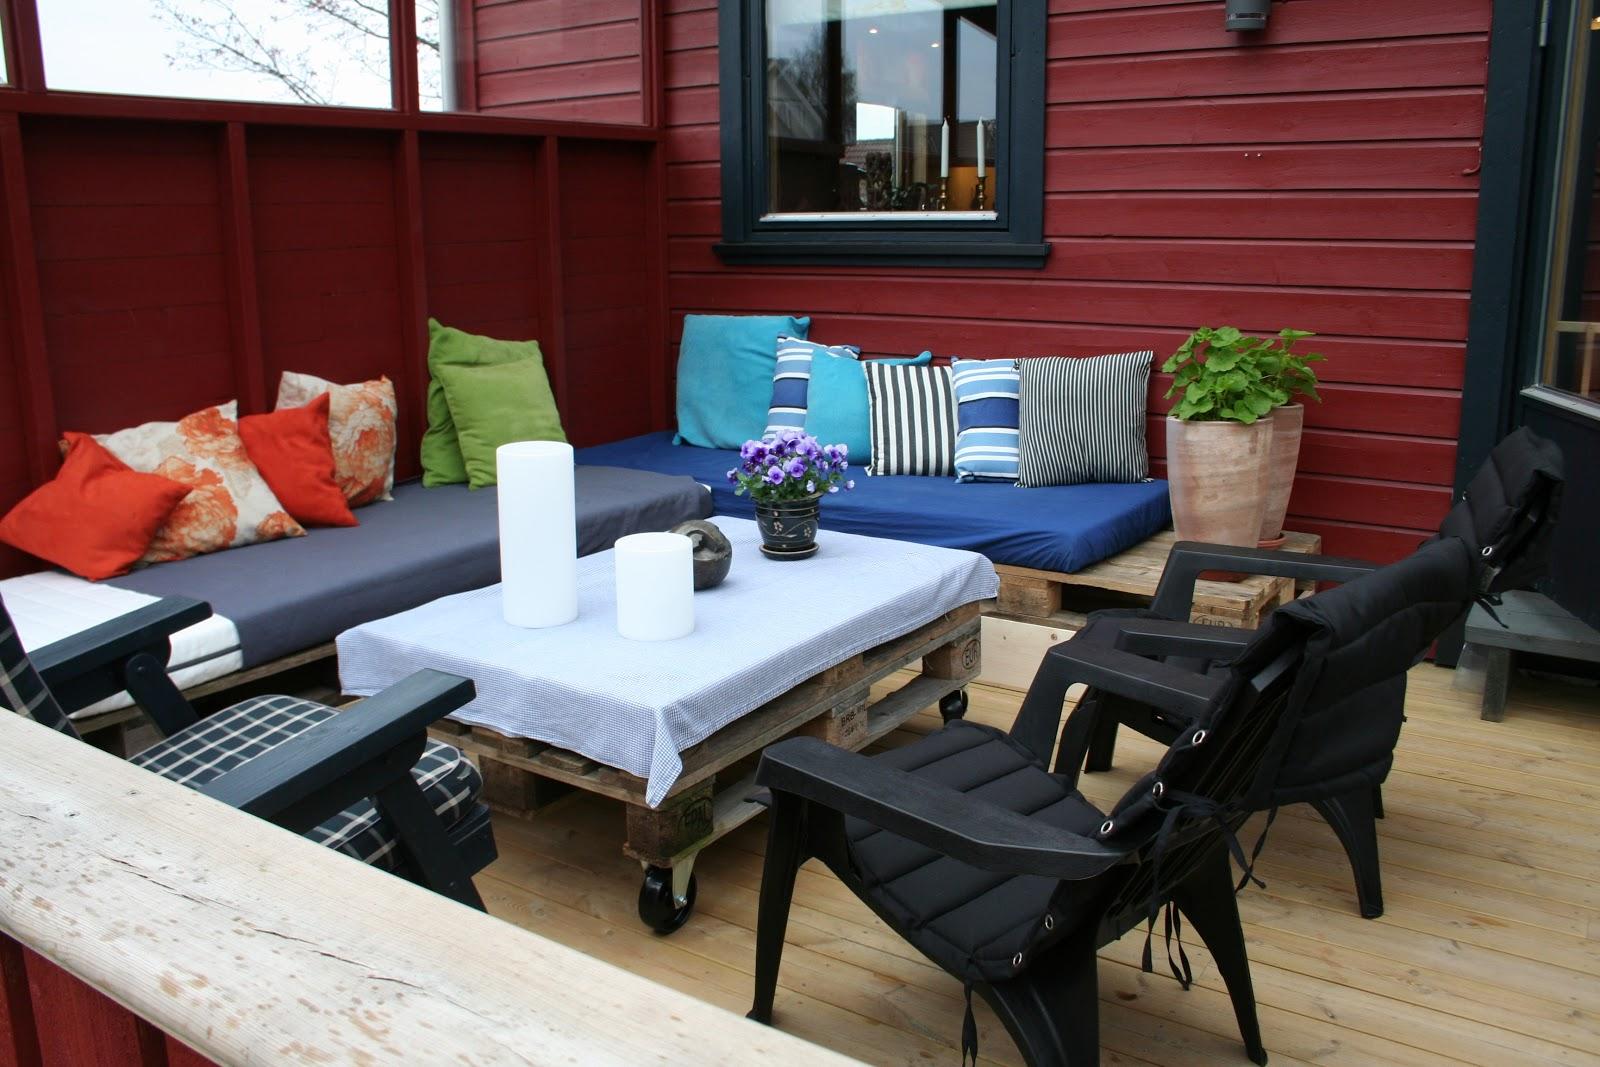 101 ideas de decoracion con palets hoy lowcost - Mueble para terraza ...